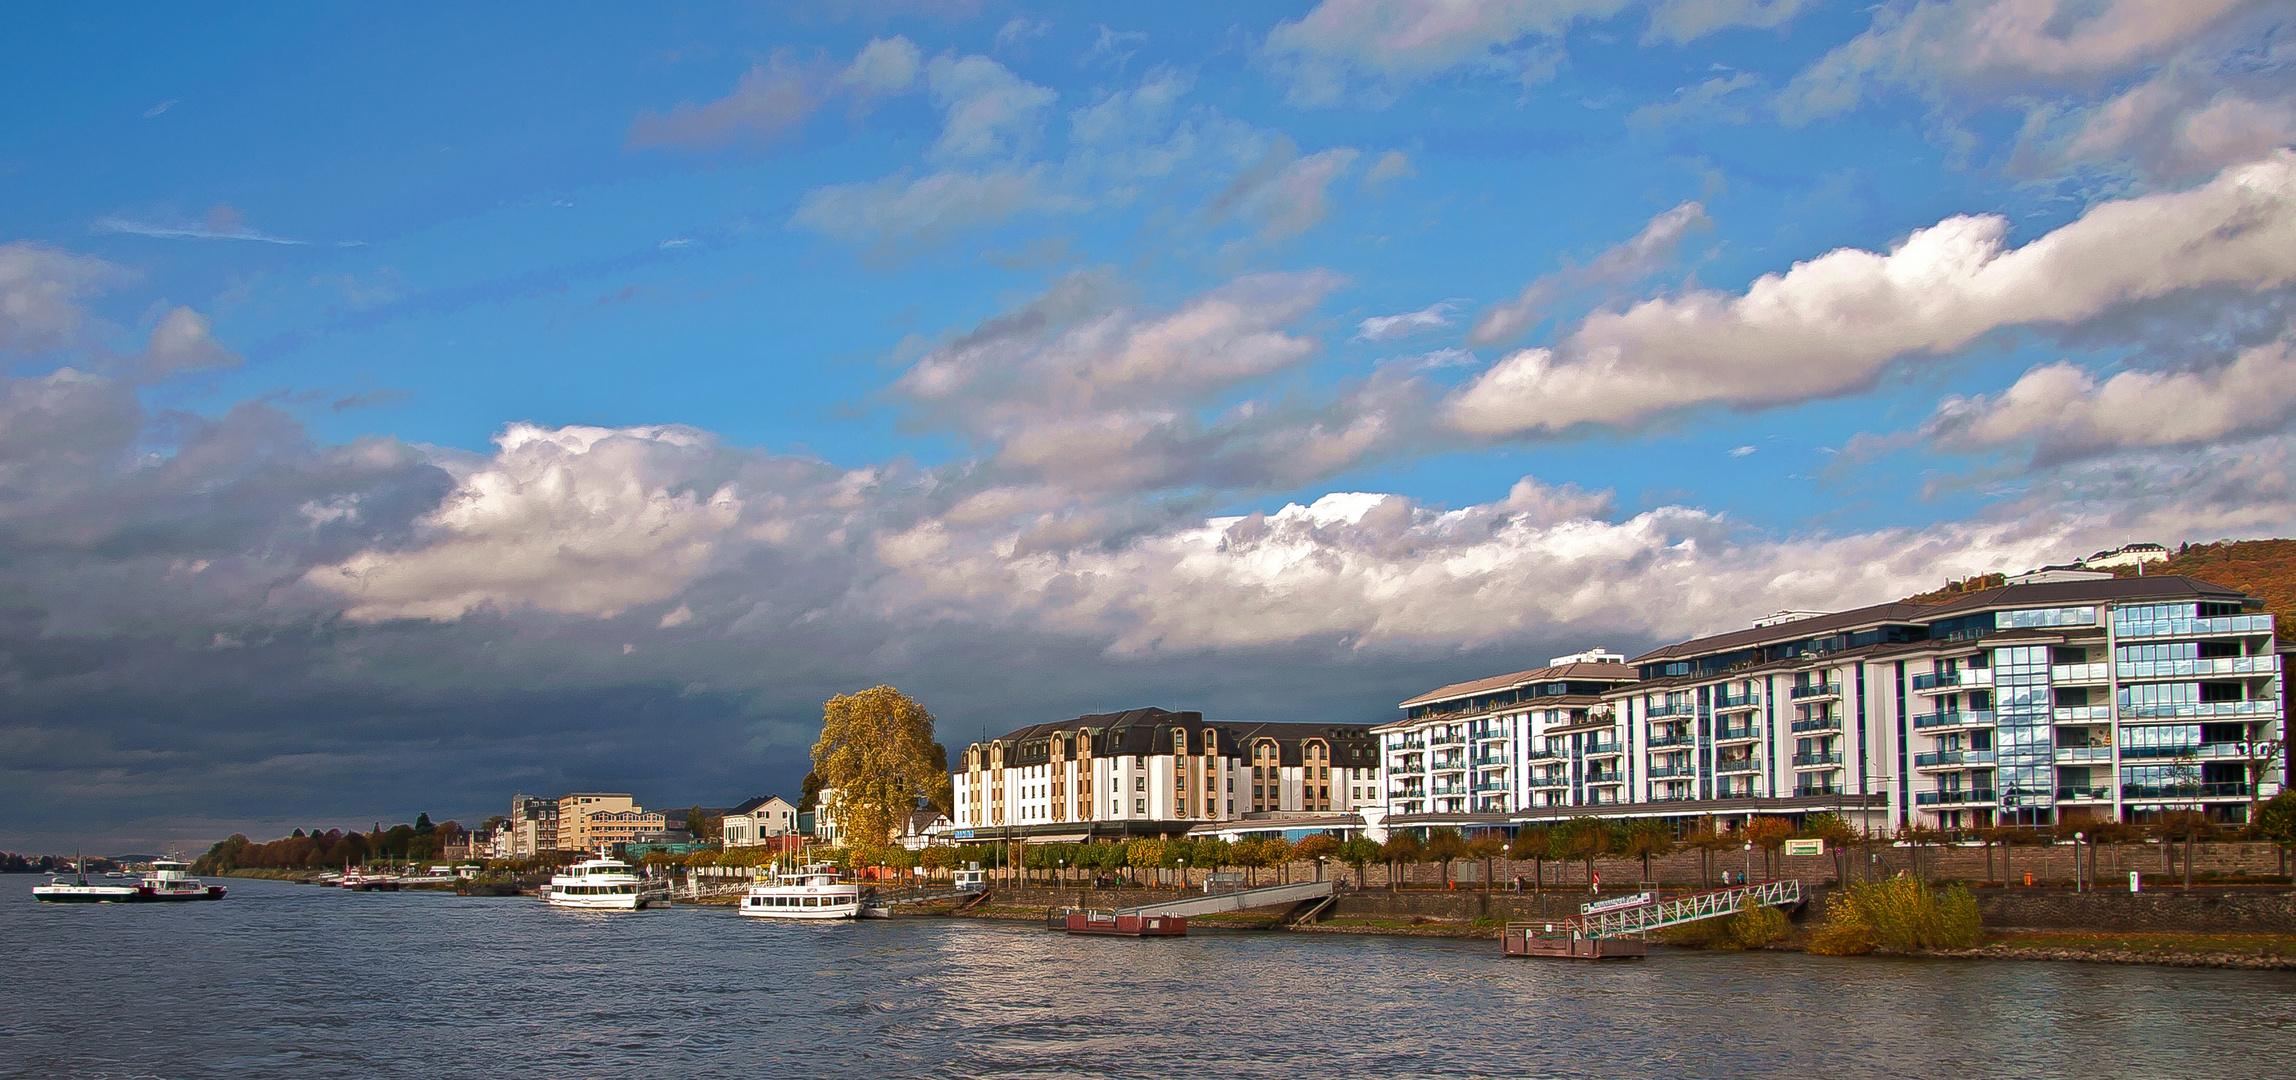 Moderne Rheinromantik - Königswinter Herbst 2013